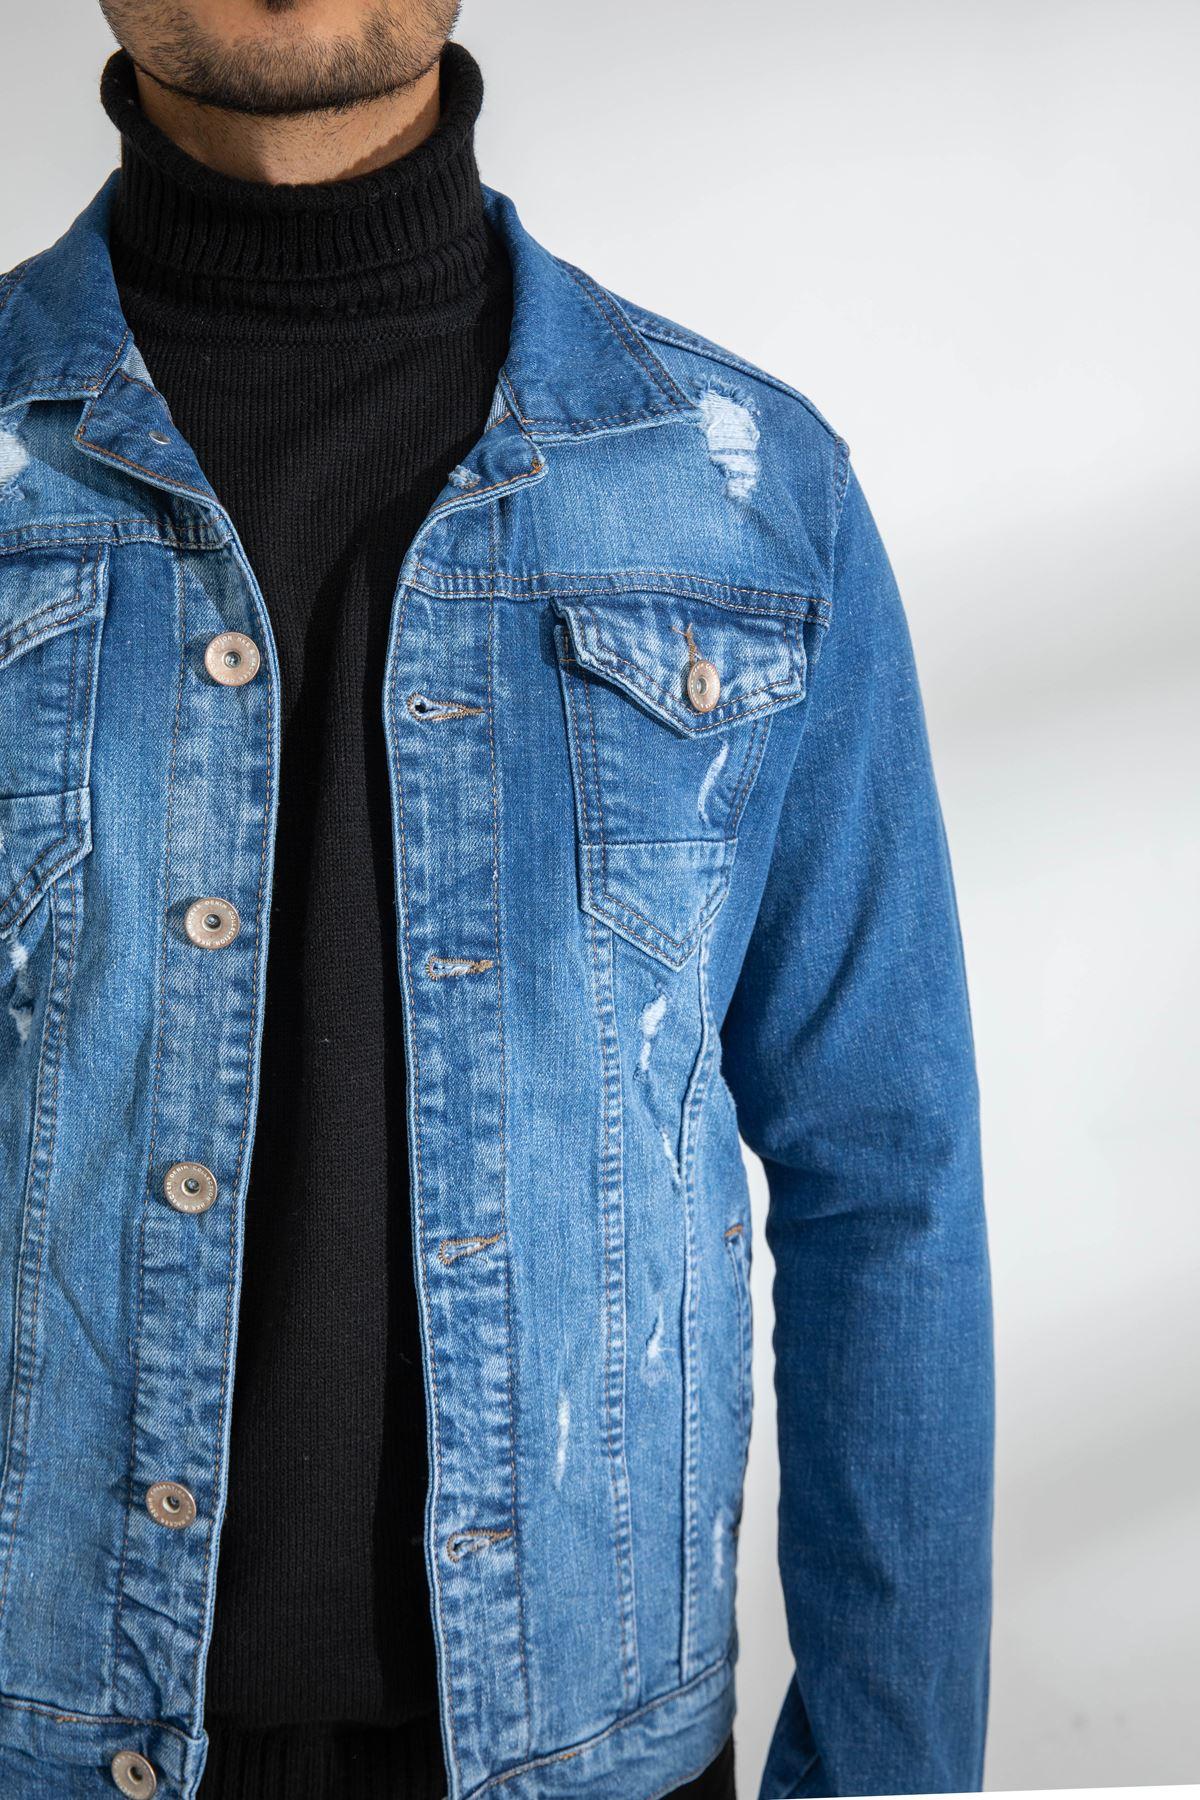 Erkek Likralı Lazer Yırtıklı Mavi Kot Ceket